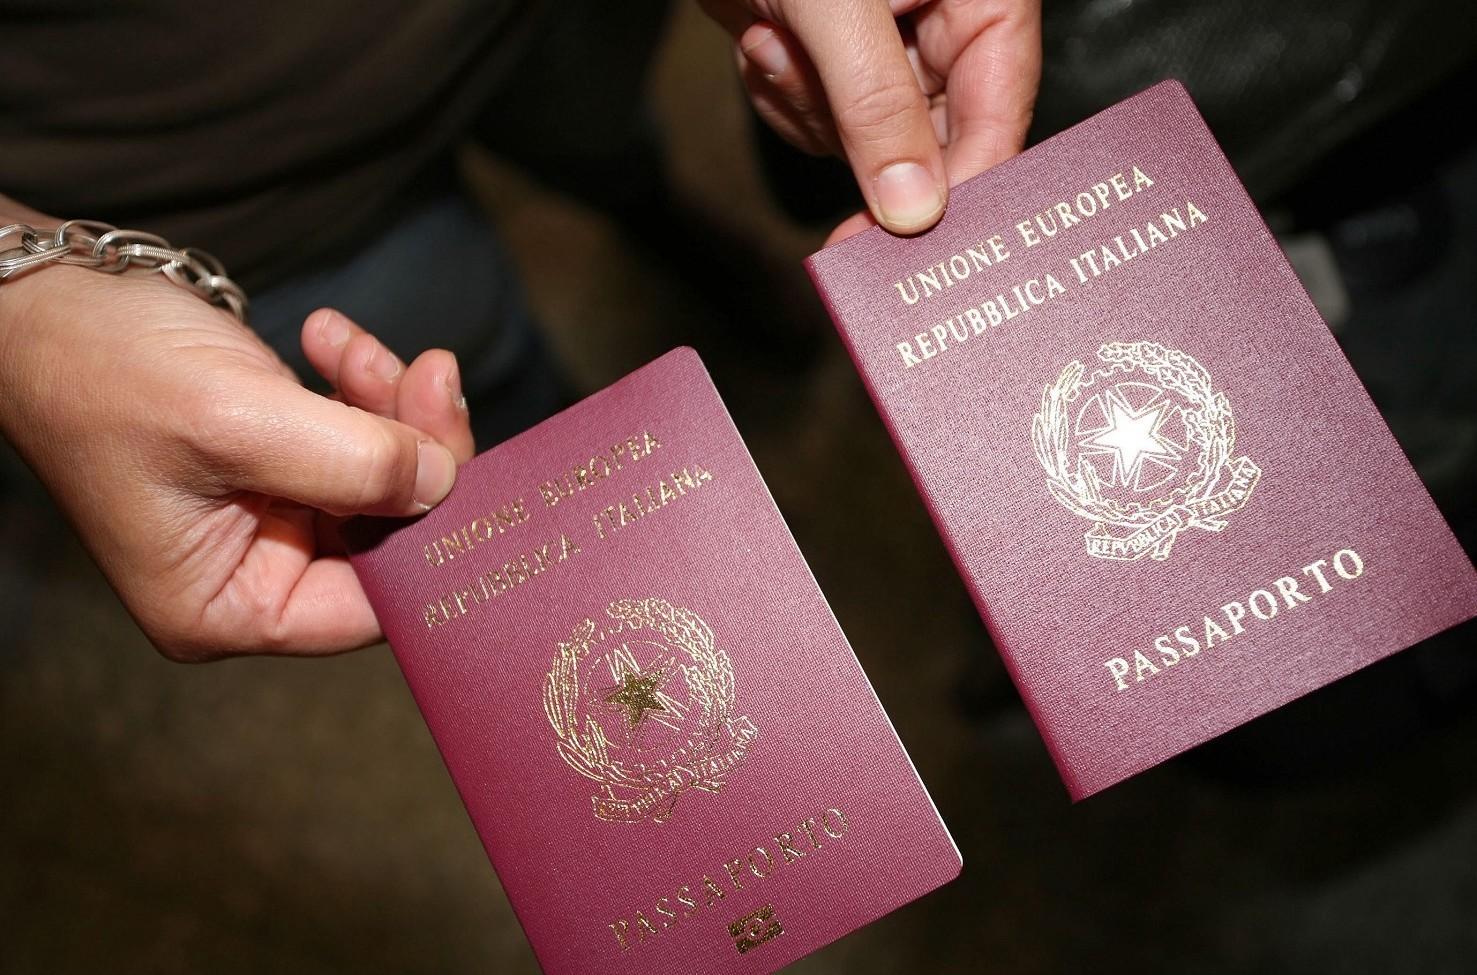 Passaporto elettronico 2019 costo, tempi di rilascio, documenti necessari